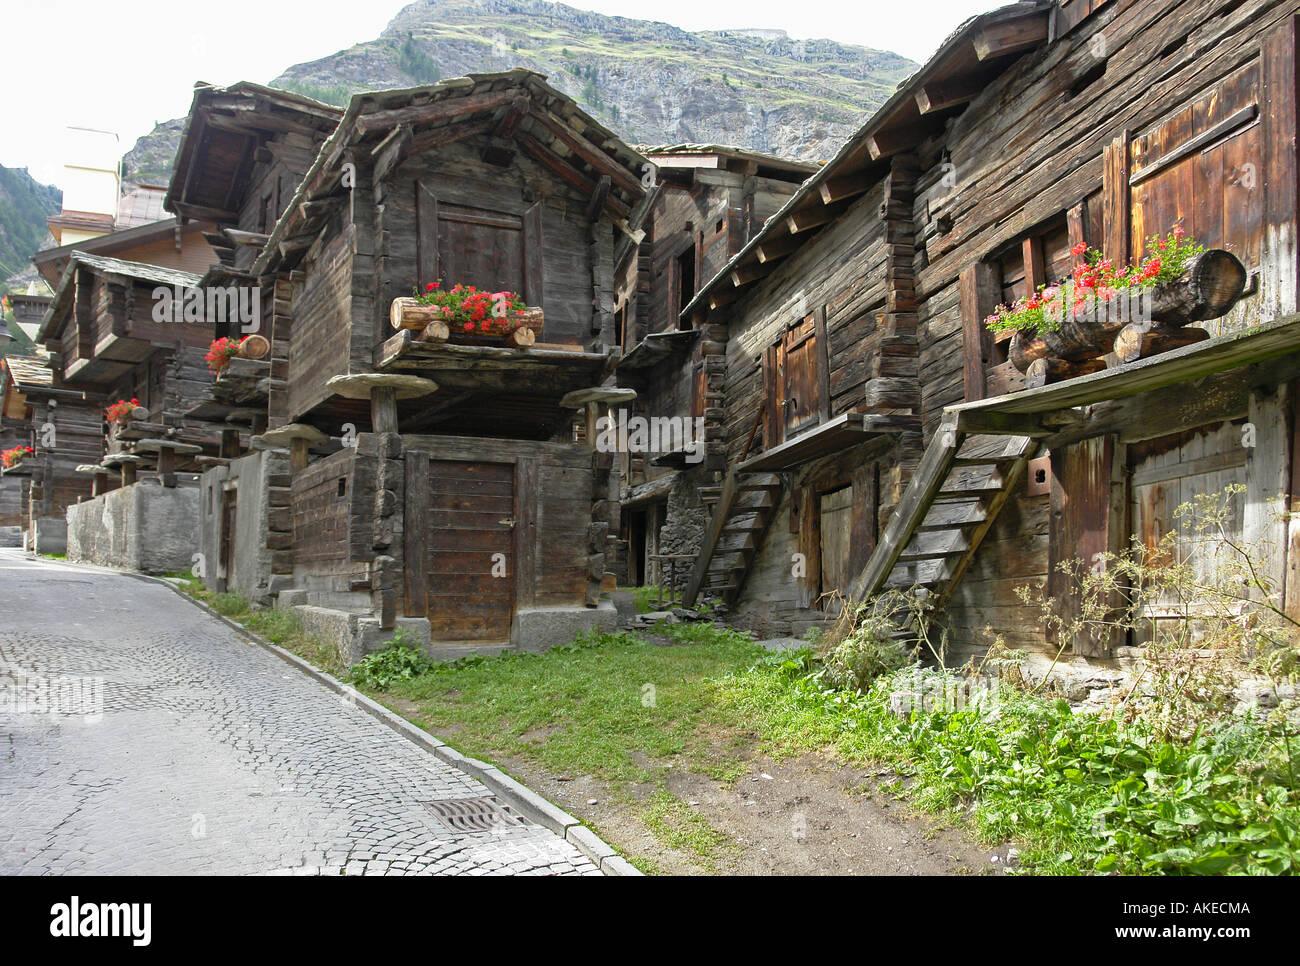 alte restaurierte holzh user und h tten im hinterdorf zermatt stockfoto bild 8557385 alamy. Black Bedroom Furniture Sets. Home Design Ideas